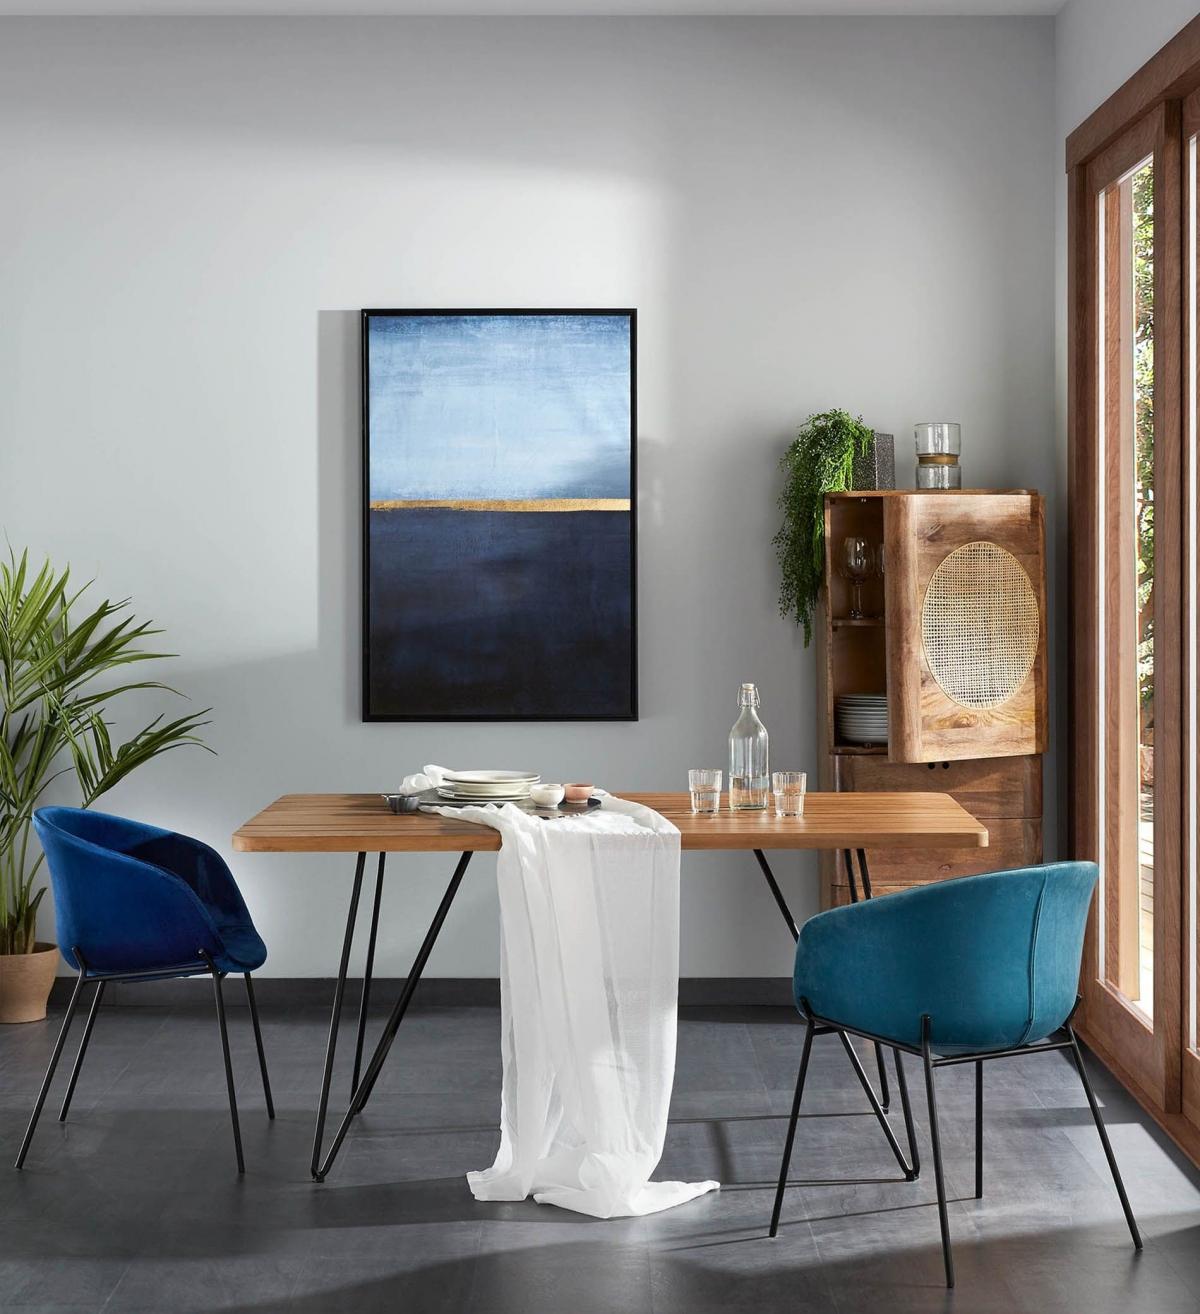 Созерцательный дизайн компактной обеденной зоны в морском стиле